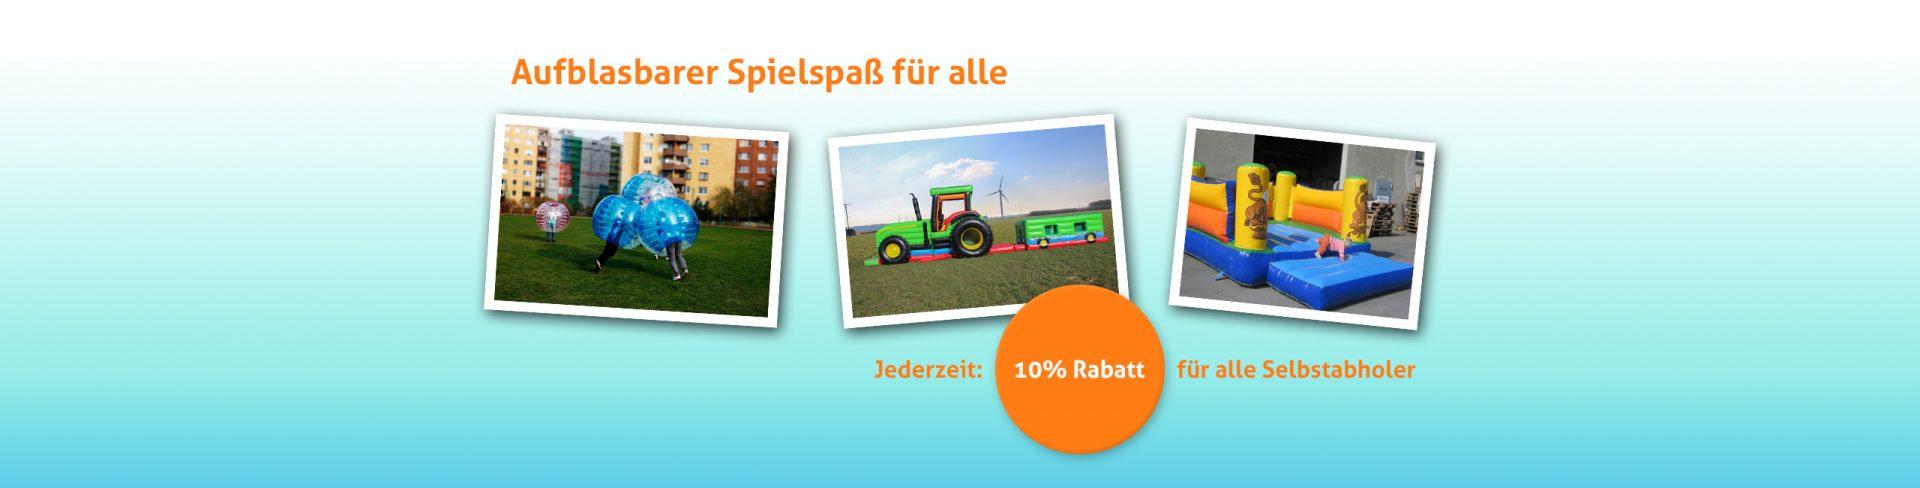 Kreative Spielwerkstatt Eventmodule Hüpfburgen Vermietung